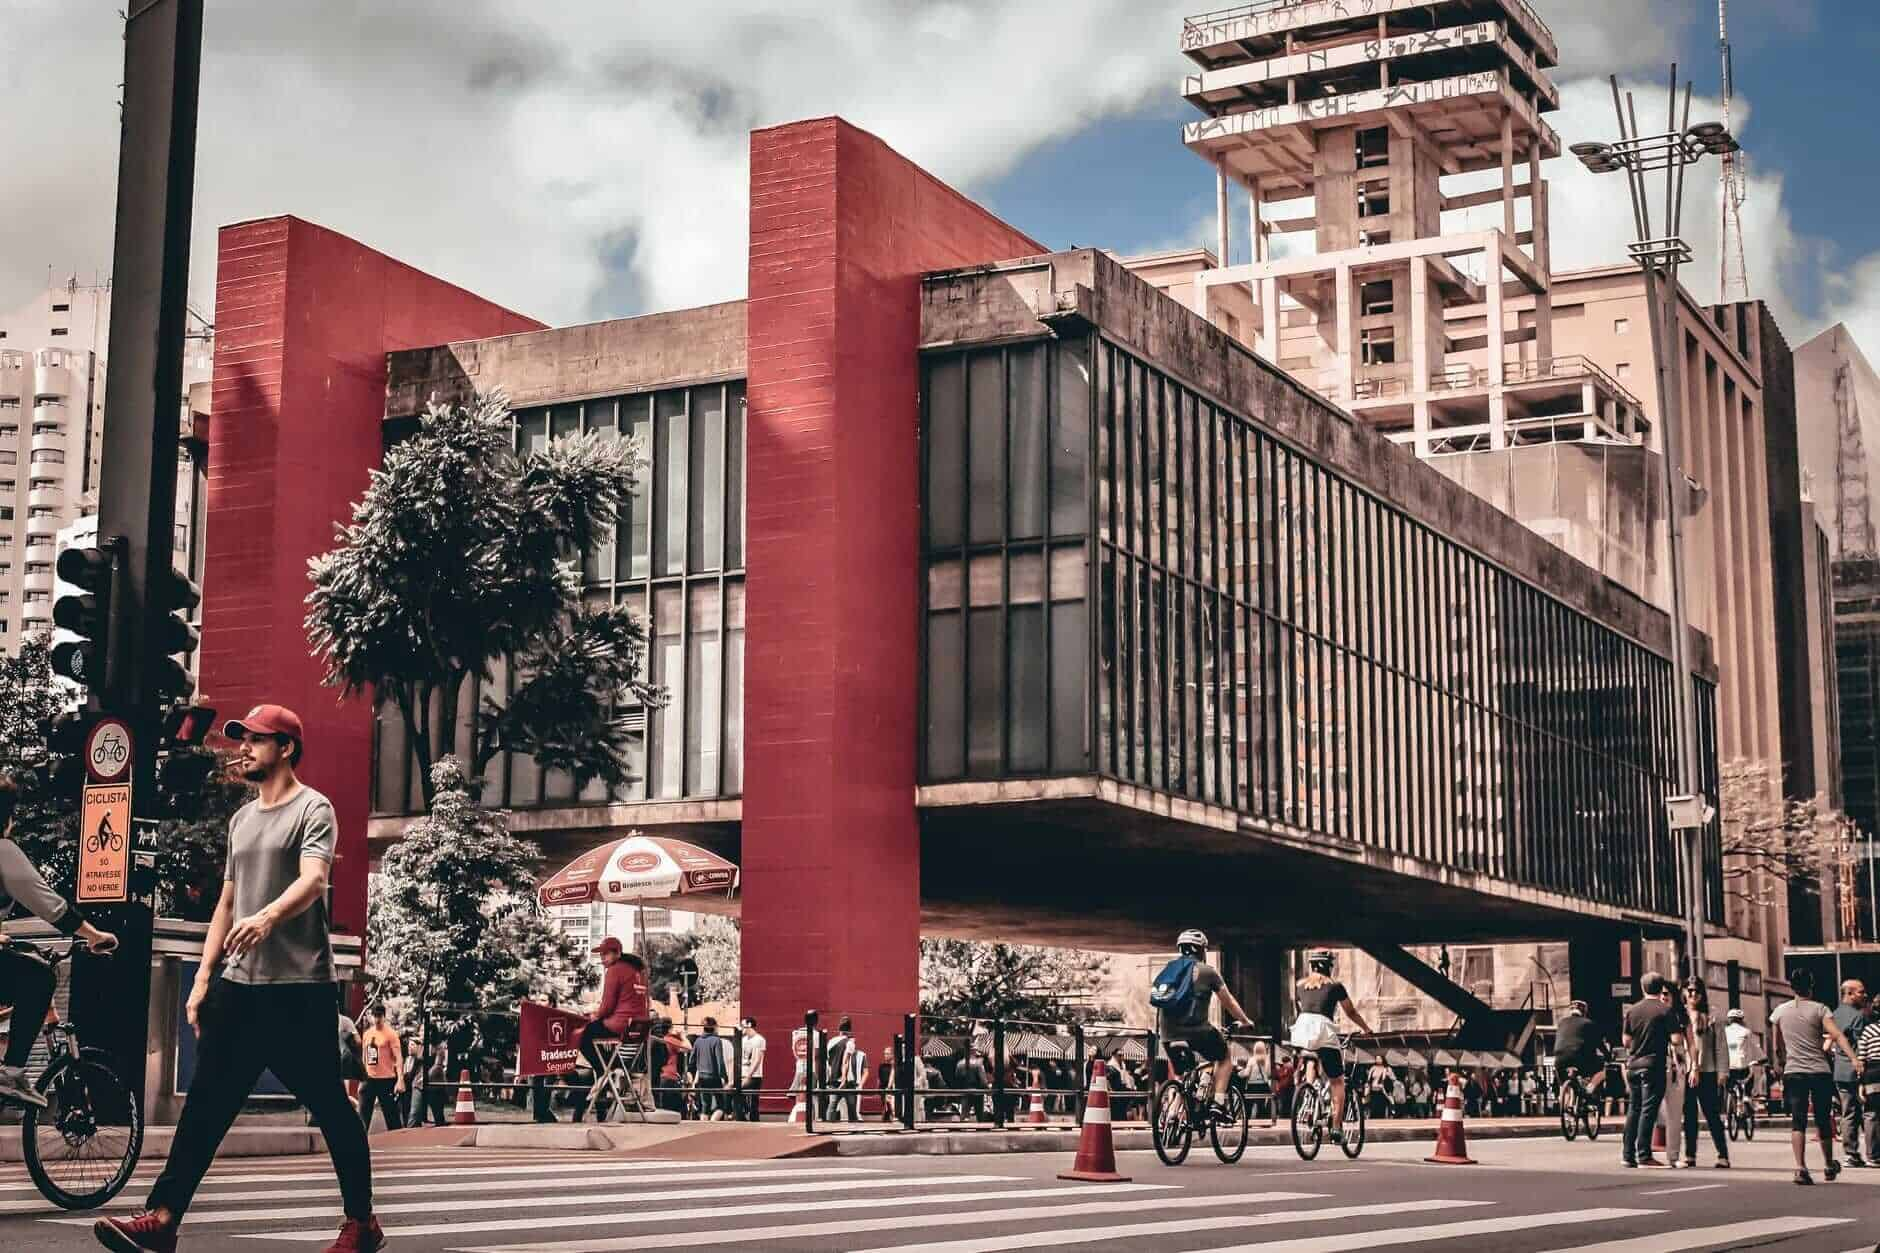 Museu de Art de São Paulo, Brazil